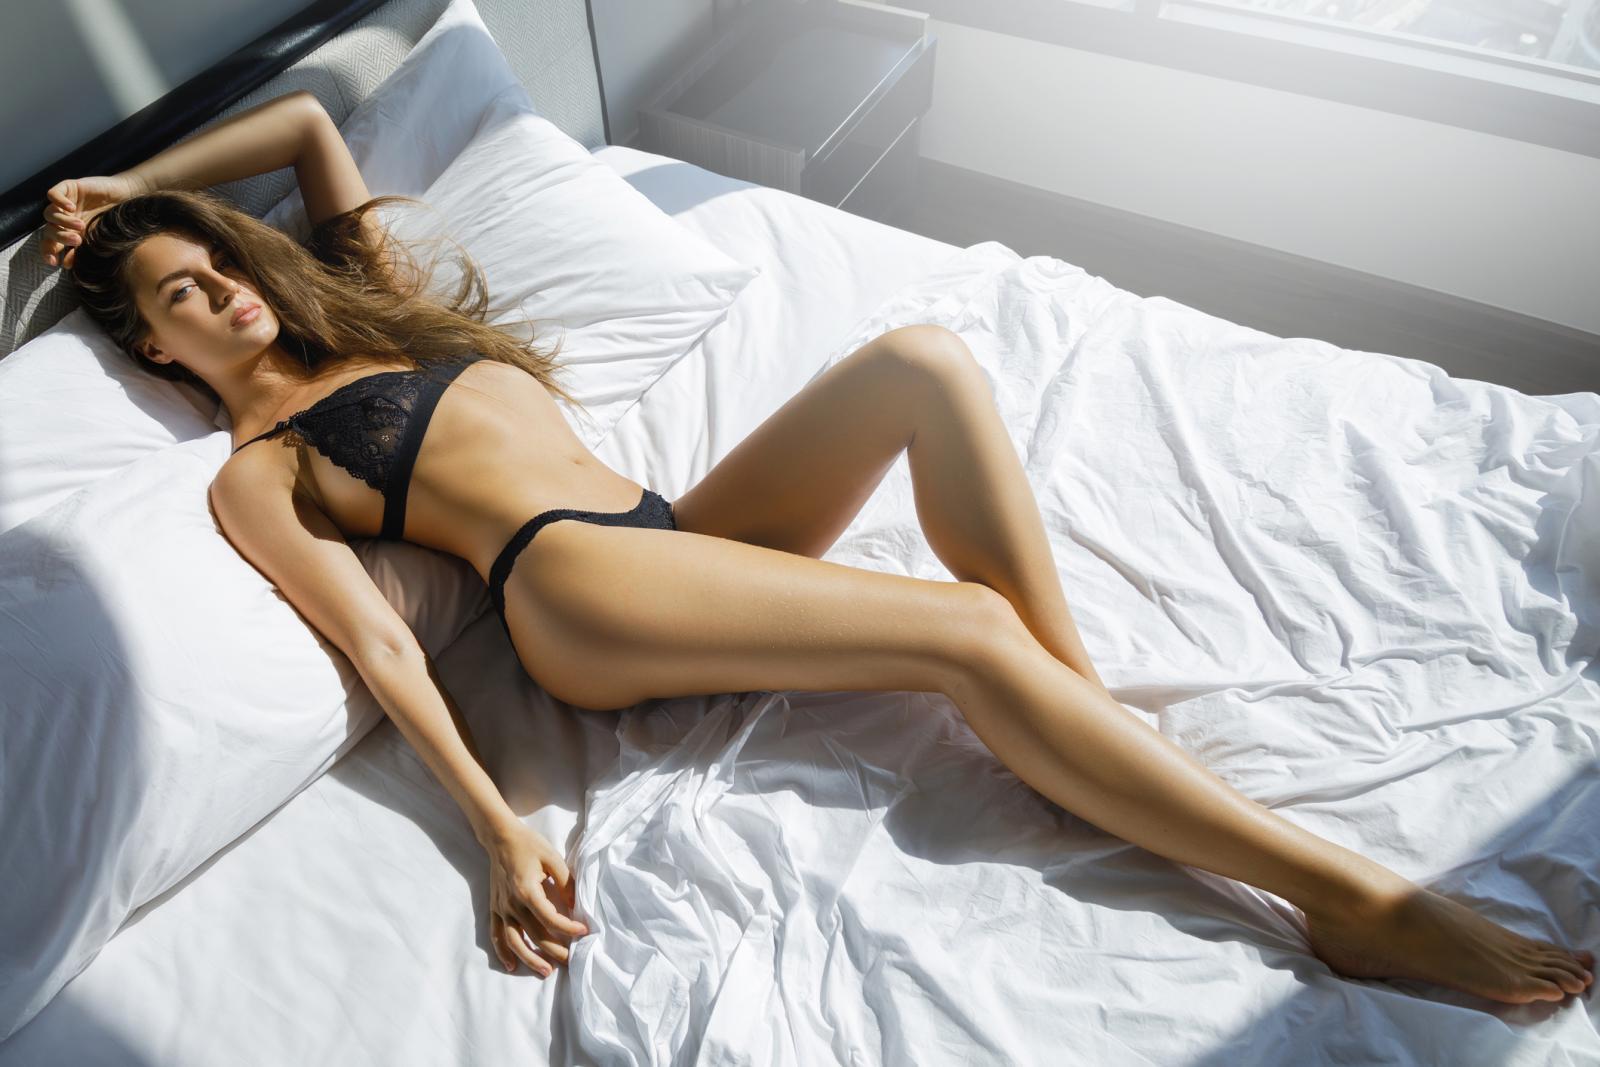 Postoje žene koje imaju znatno jače izraženu seksualnu želju od svojih partnera. U tim slučajevima, ako zanemarimo potencijalni pritisak ovih socijalno uvjetovanih stereotipa o muškarcima i ženama, problem će biti jednak kao i kad muškarac ima veću seksualnu želju.